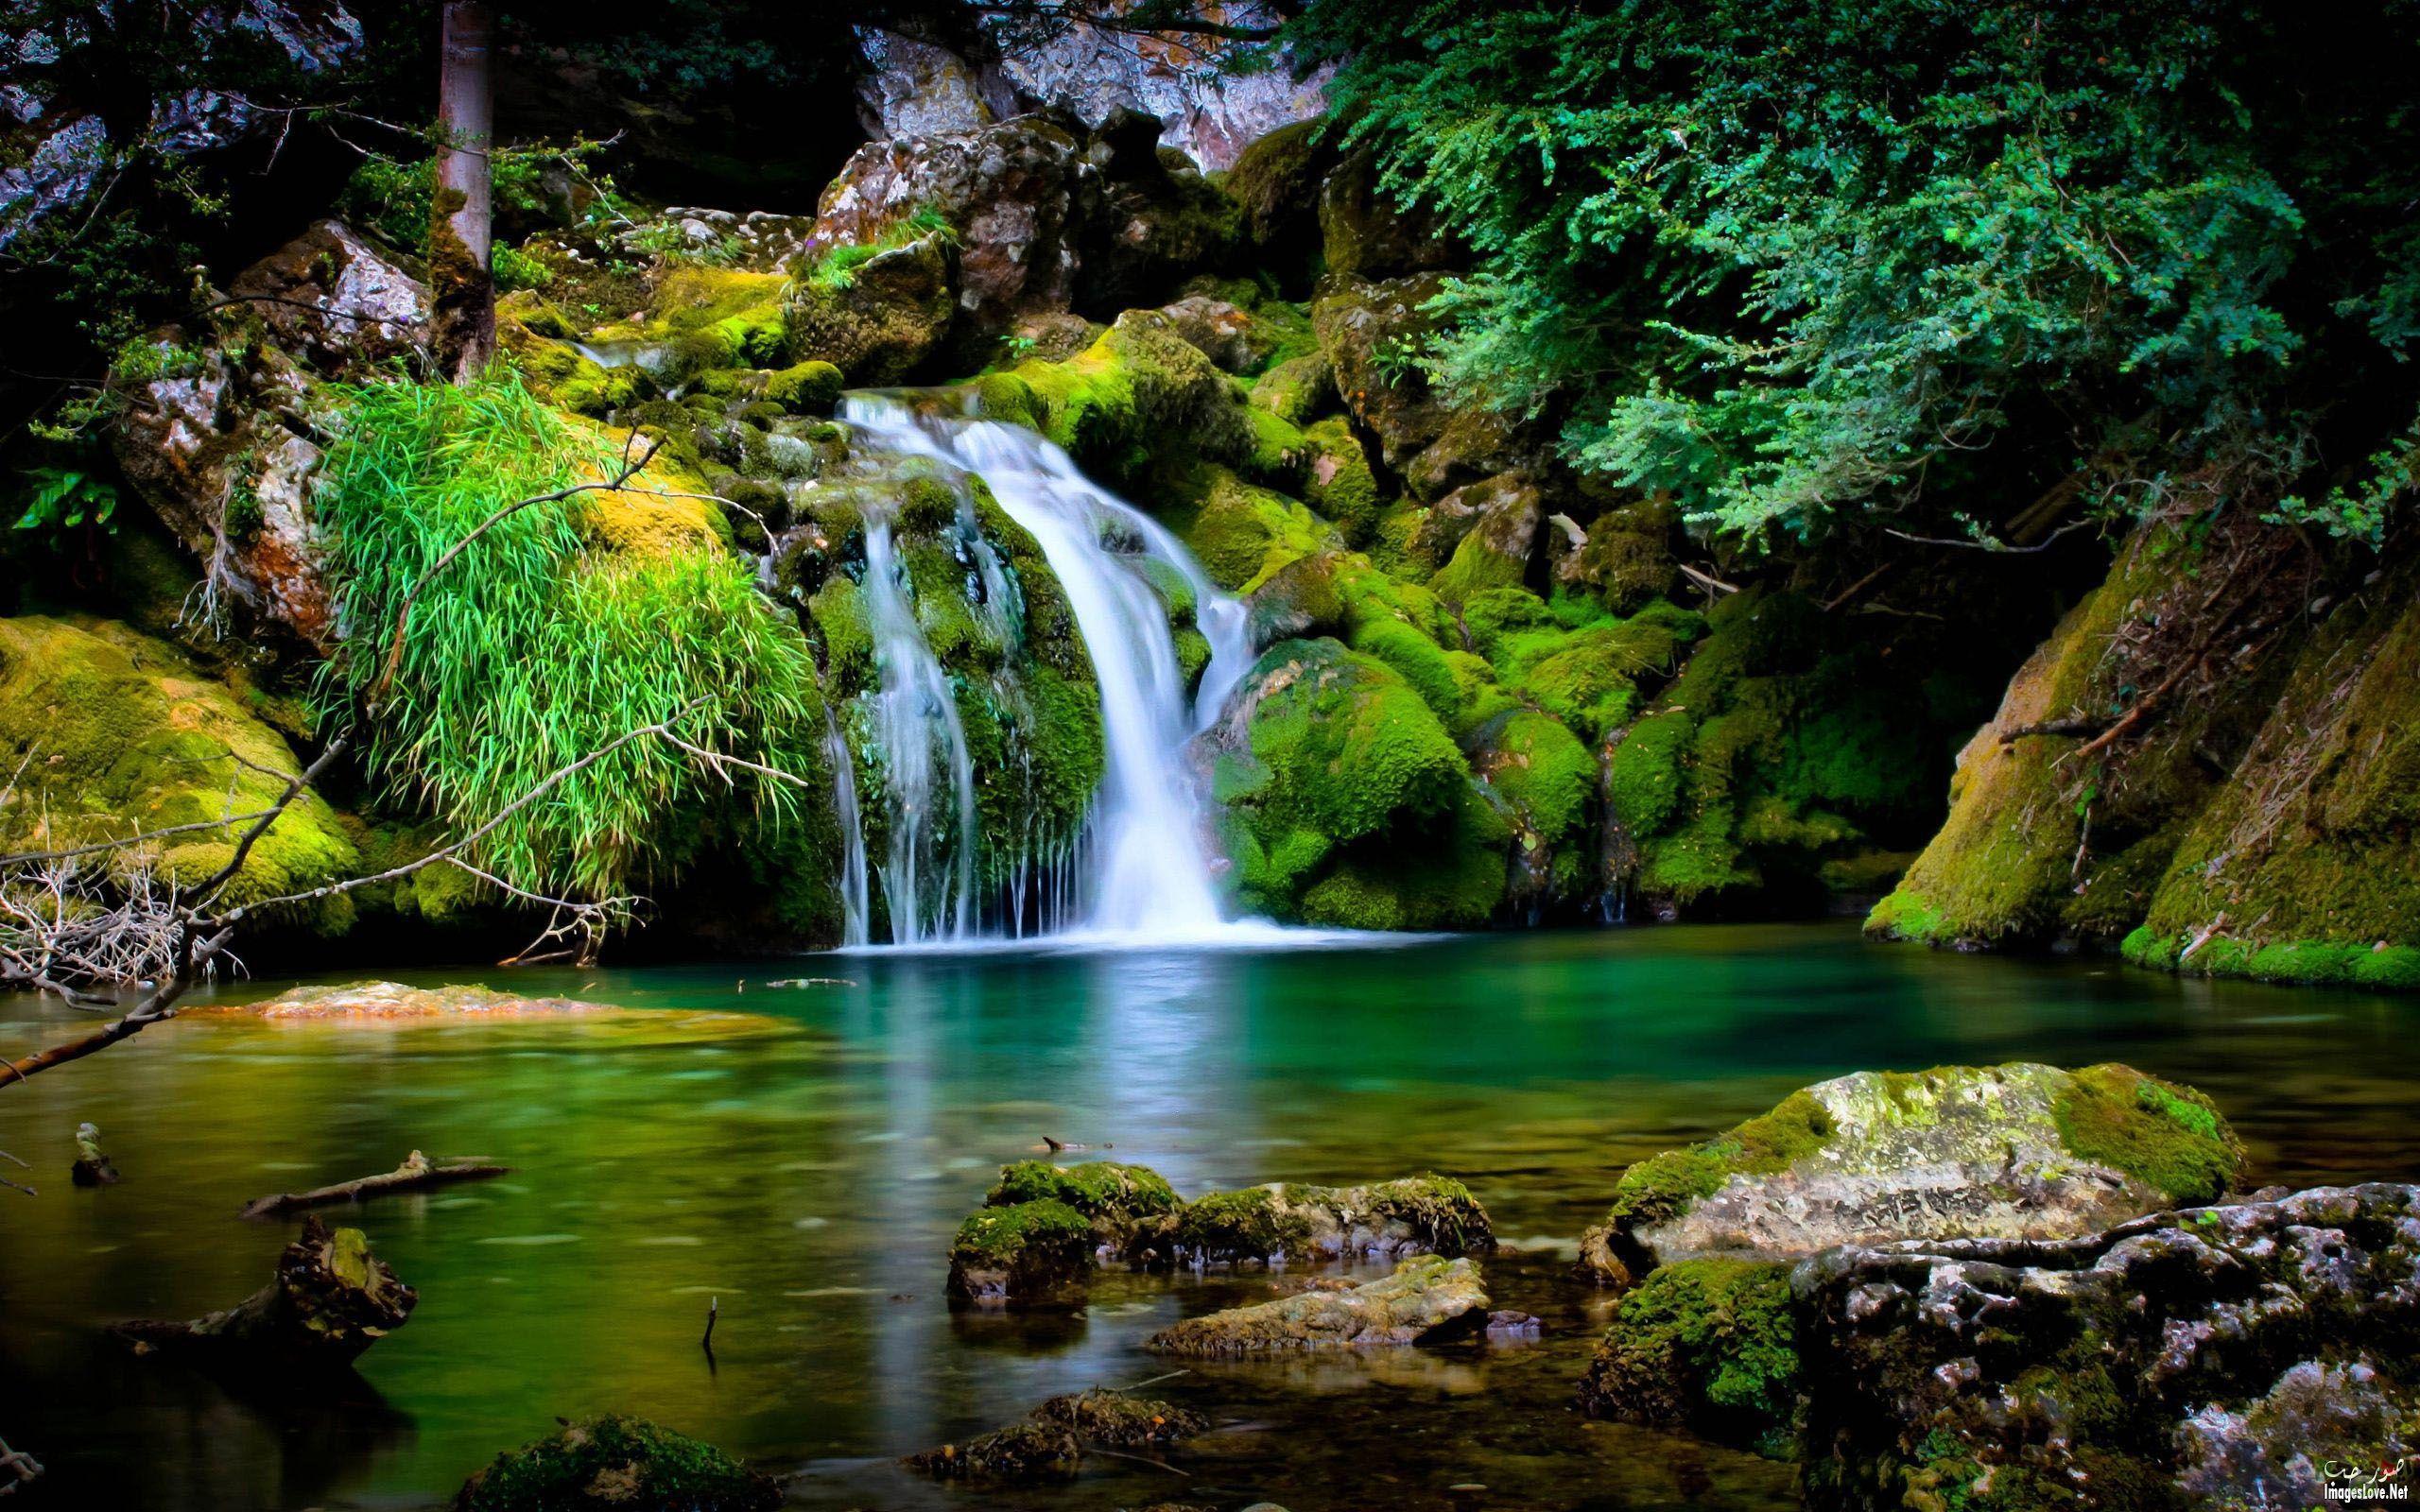 أجمل صور مناظر طبيعية 11